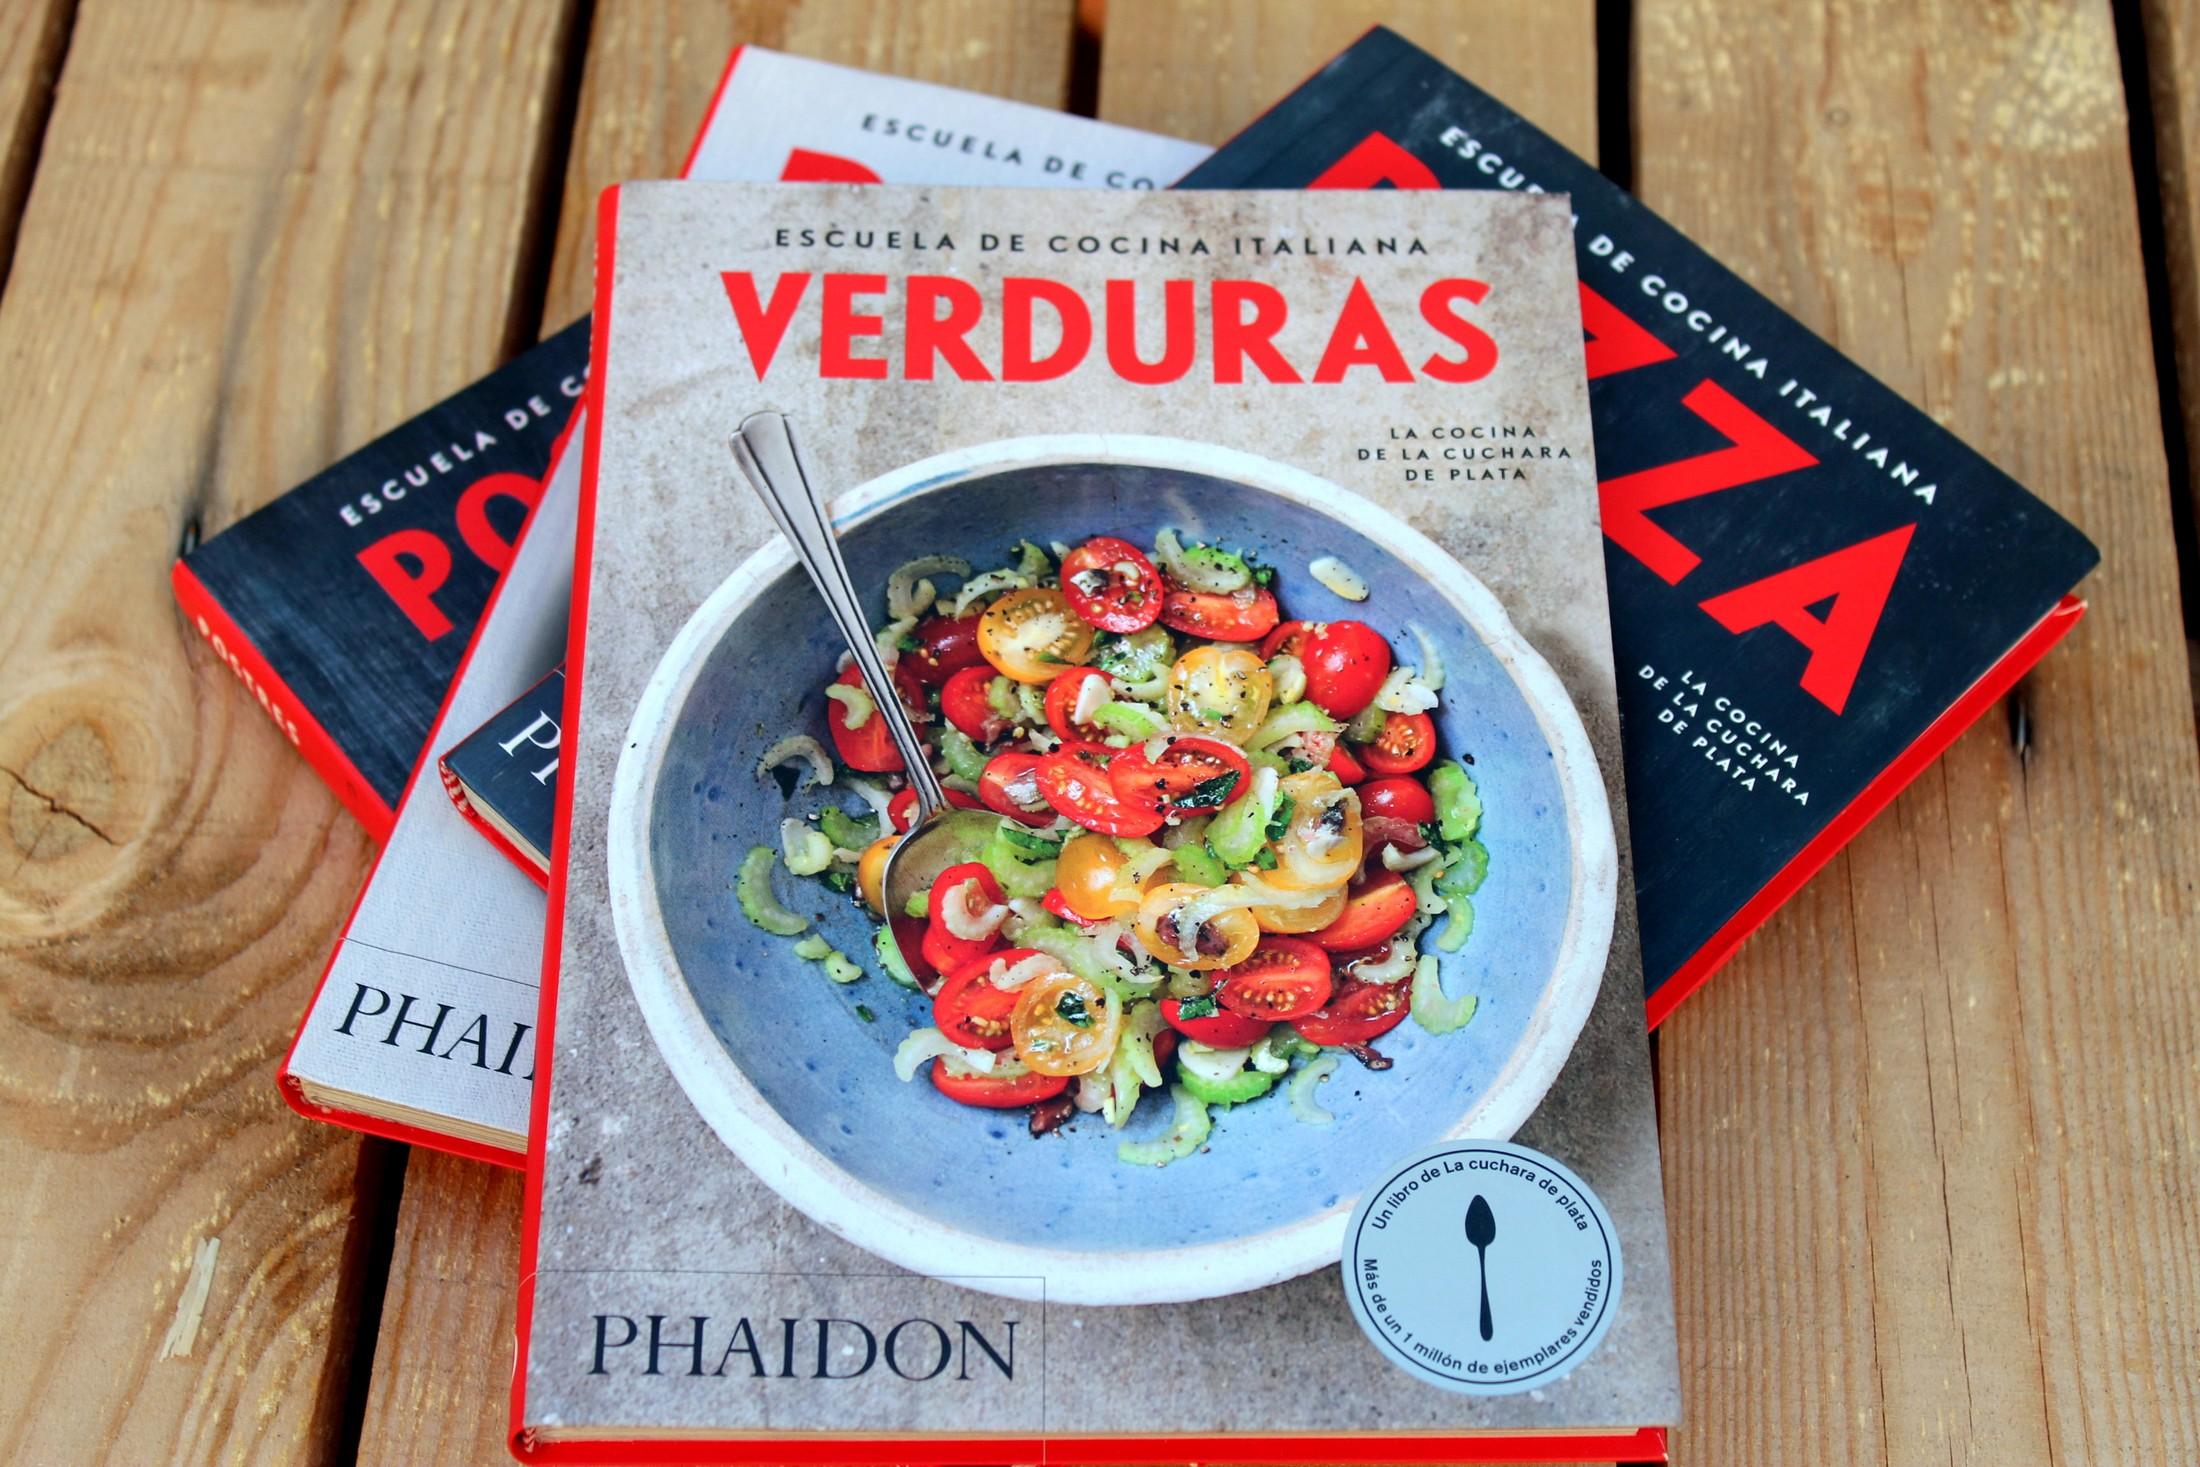 Escuela de cocina italiana verduras blog de cocina gastronom a y recetas el aderezo - Libro escuela de cocina ...